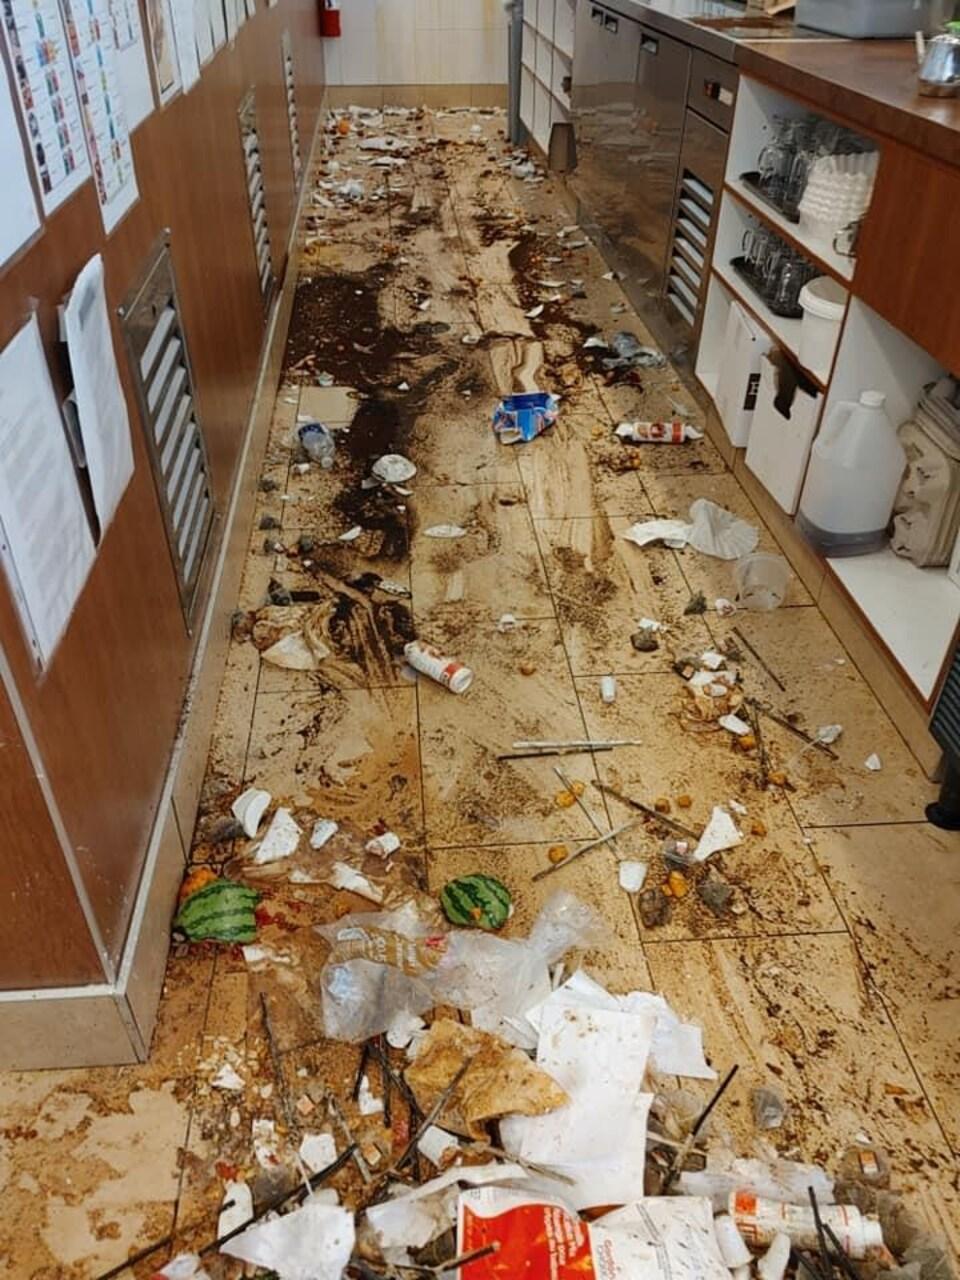 De la nourriture et des objets jonchent le sol du restaurant.